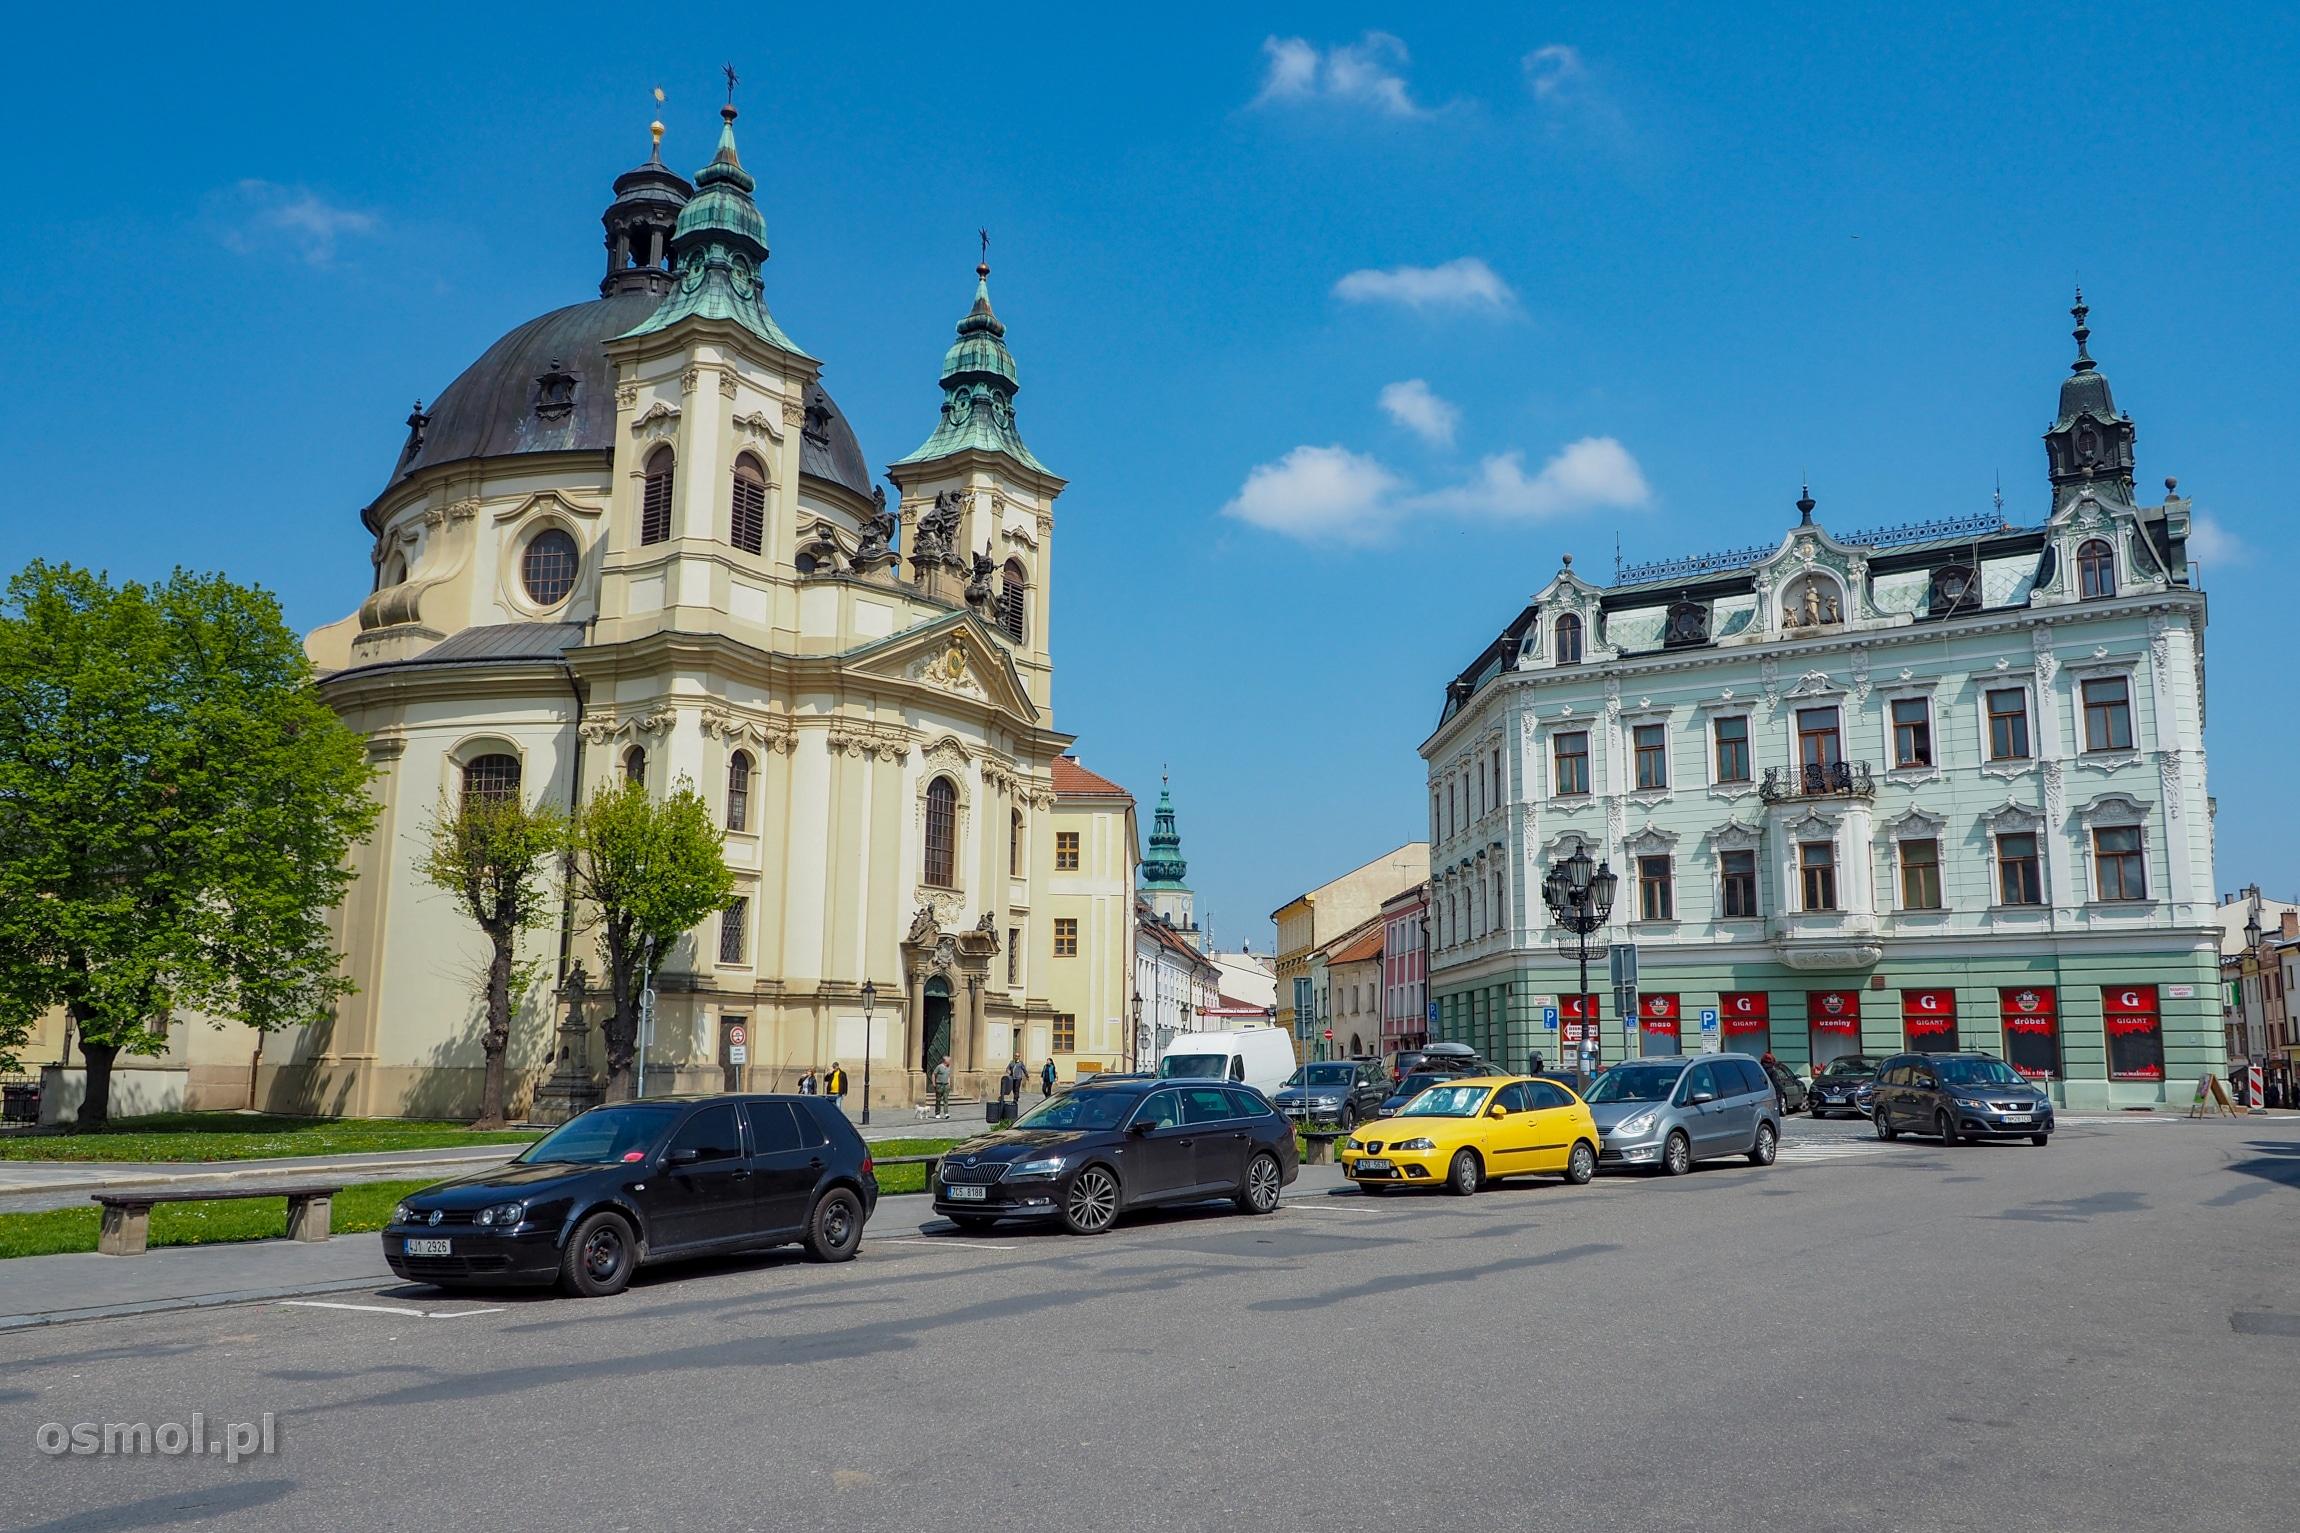 Kościół w Kromieryżu Czechy